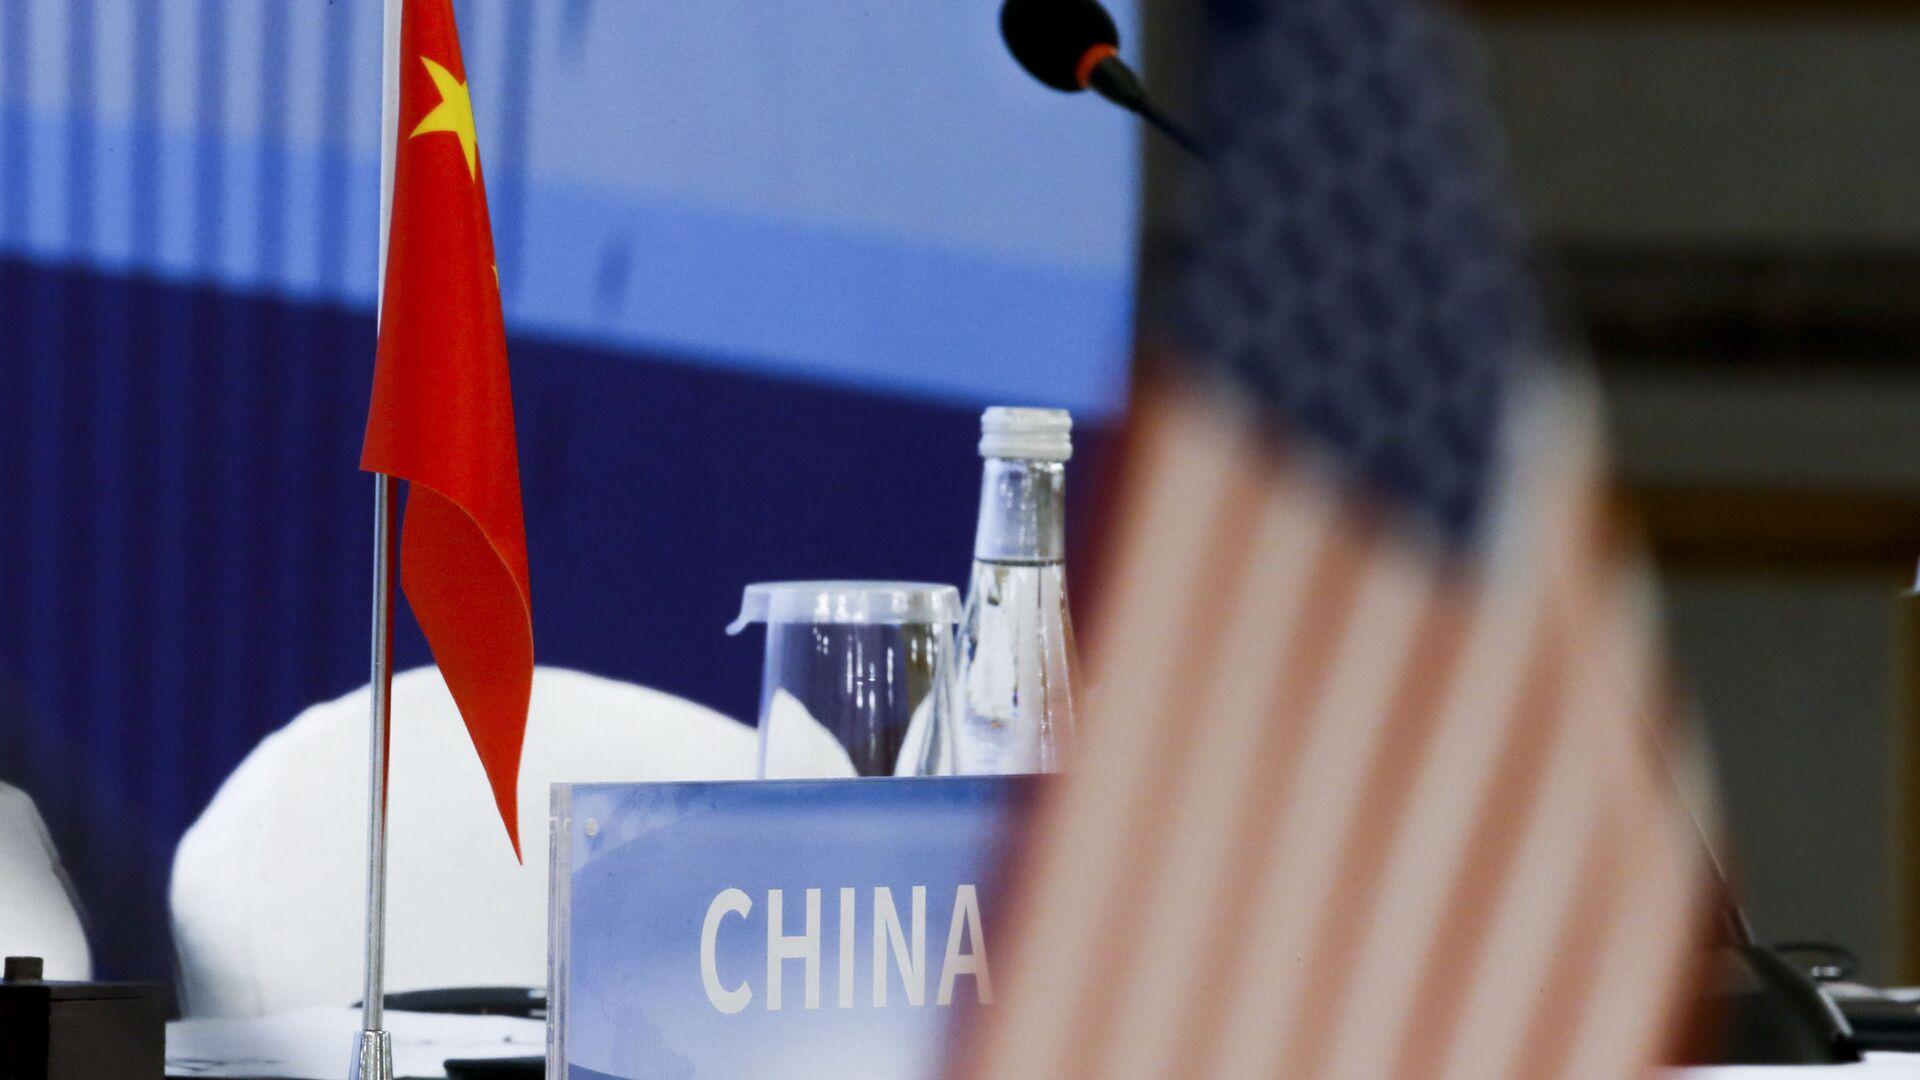 Banderas de China y EEUU - Sputnik Mundo, 1920, 05.03.2021